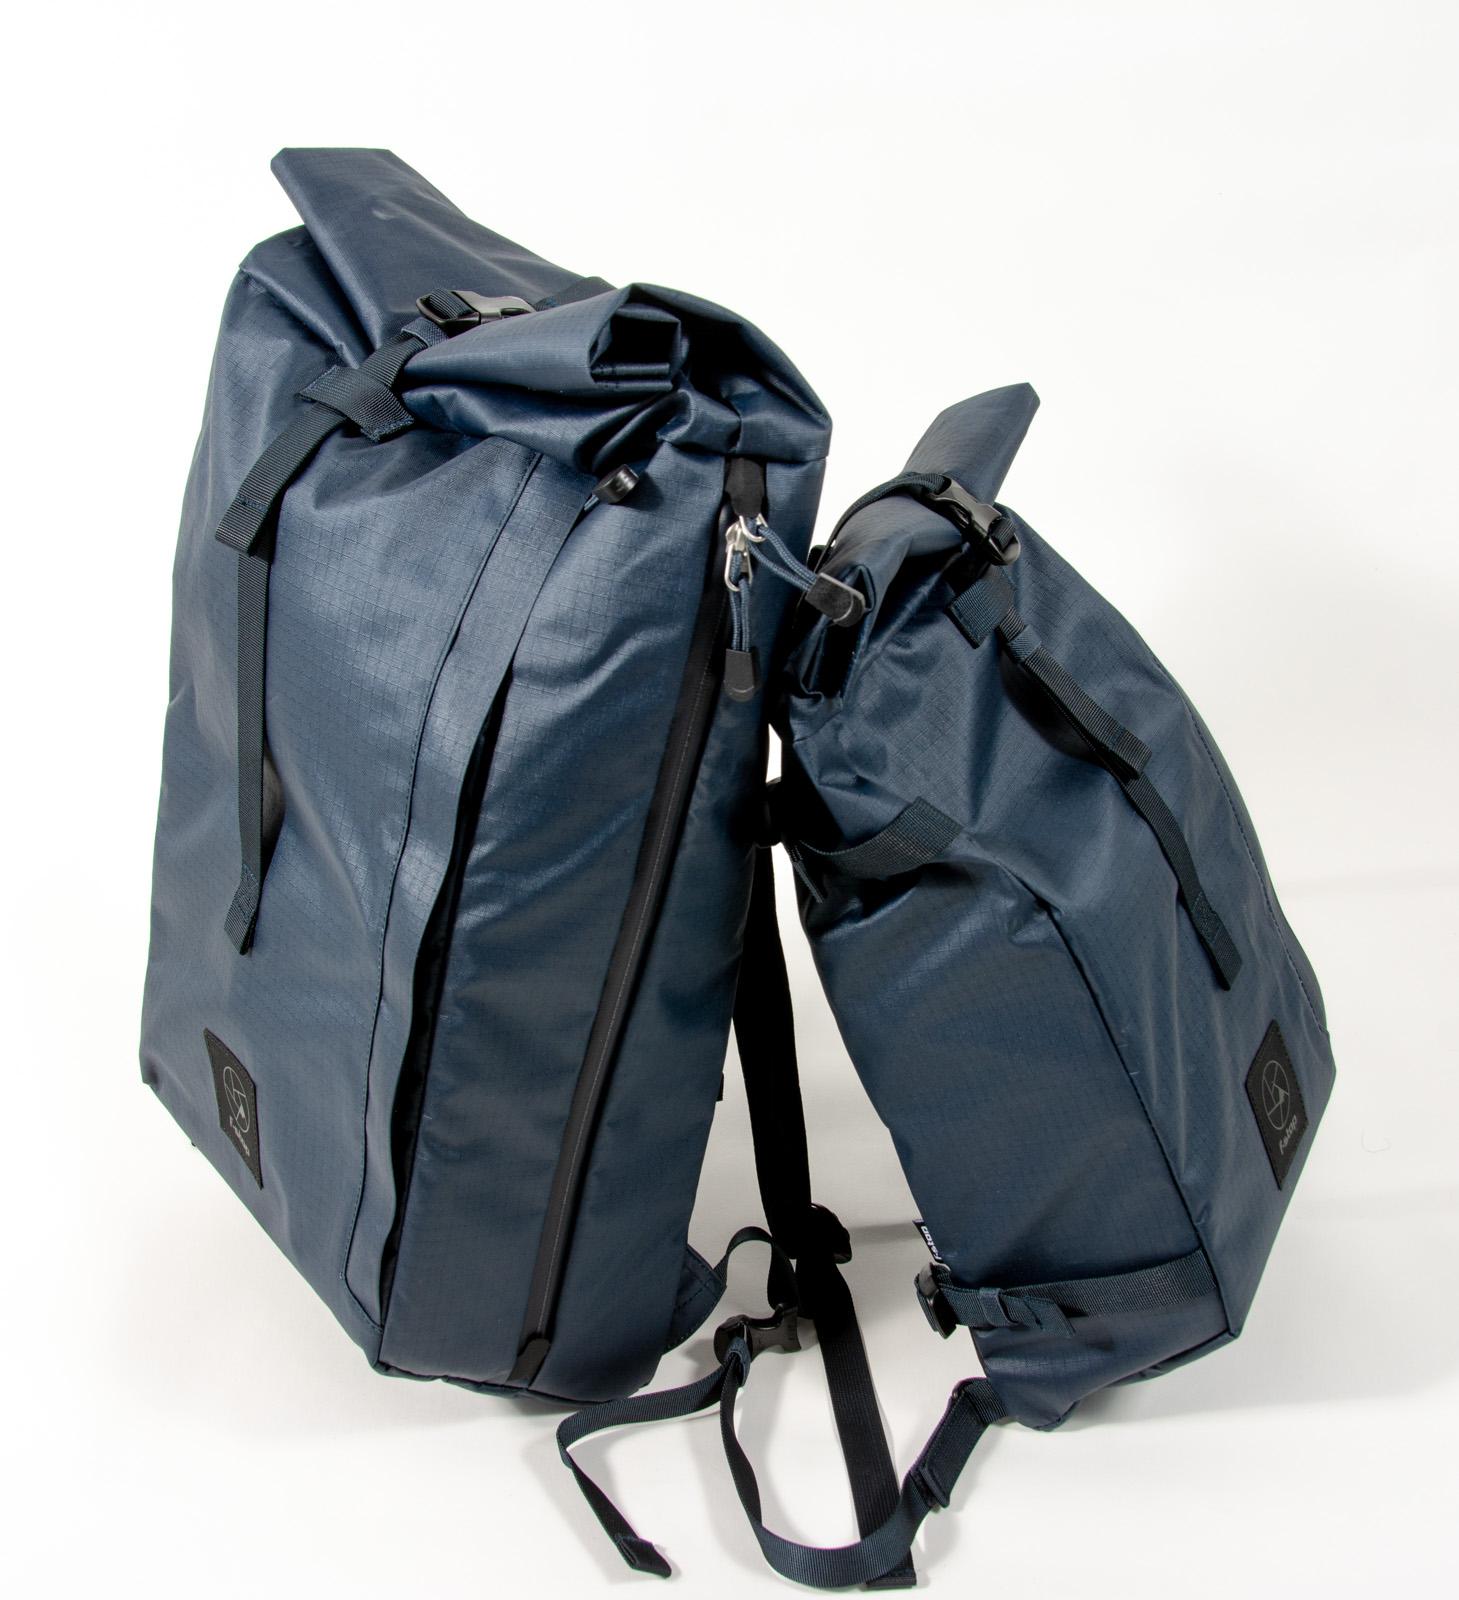 Camera bag comparison